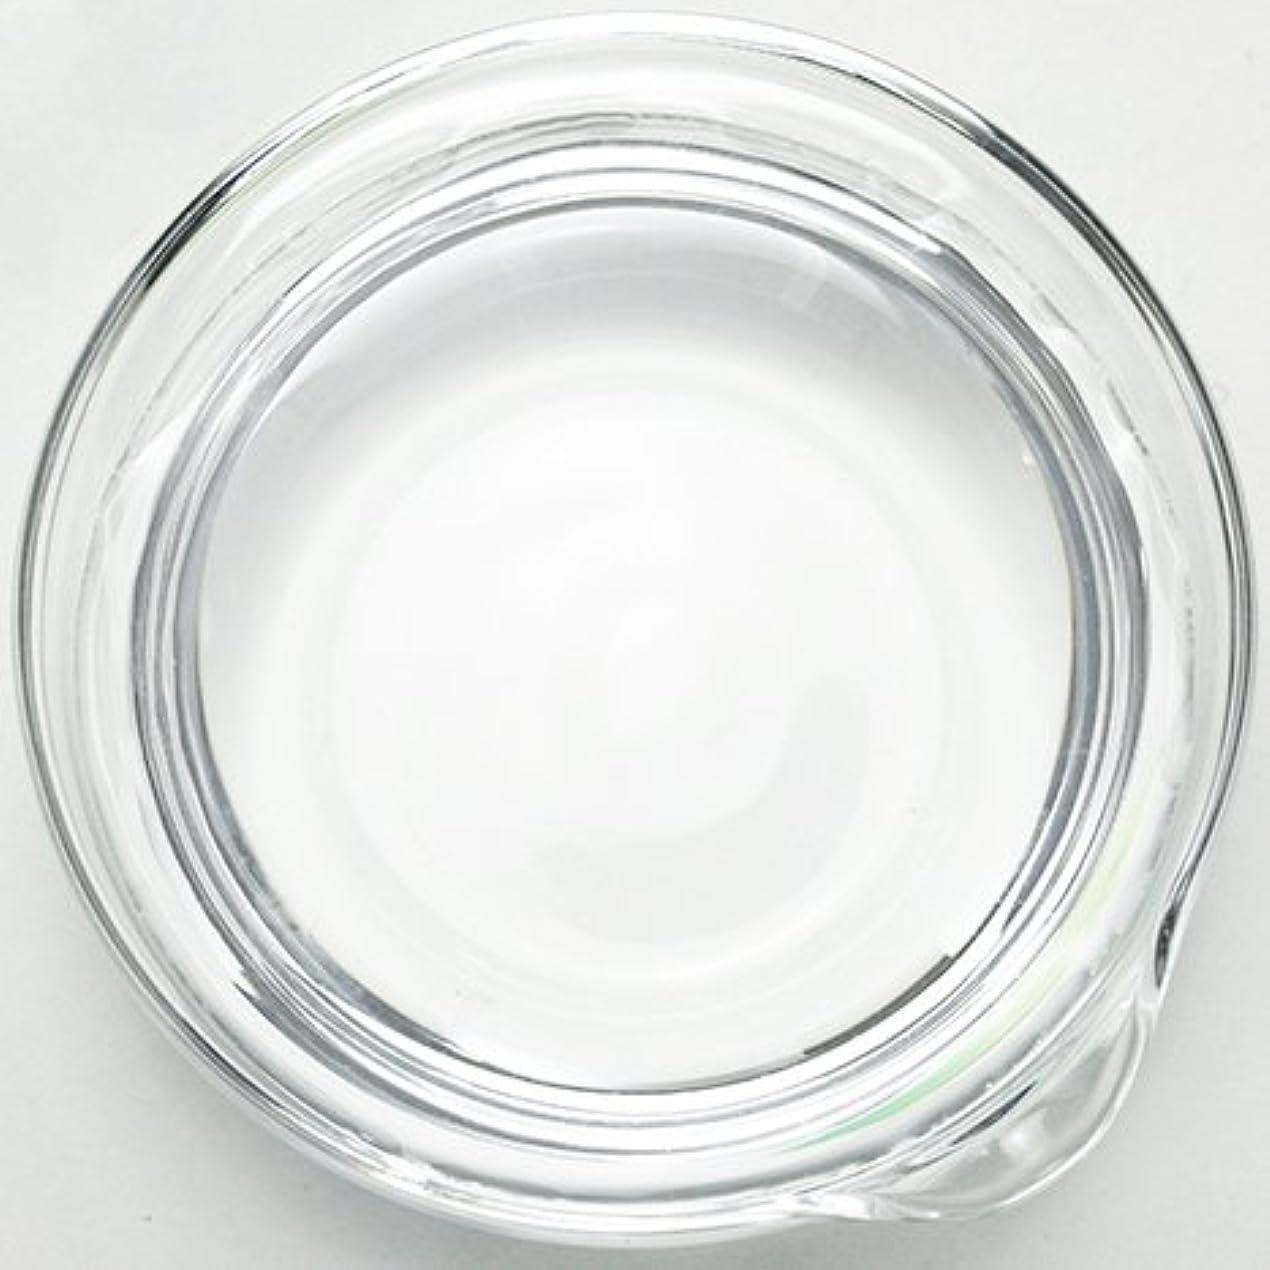 ピアース横かご濃グリセリン[植物性] 50ml 【手作り石鹸/手作りコスメ】